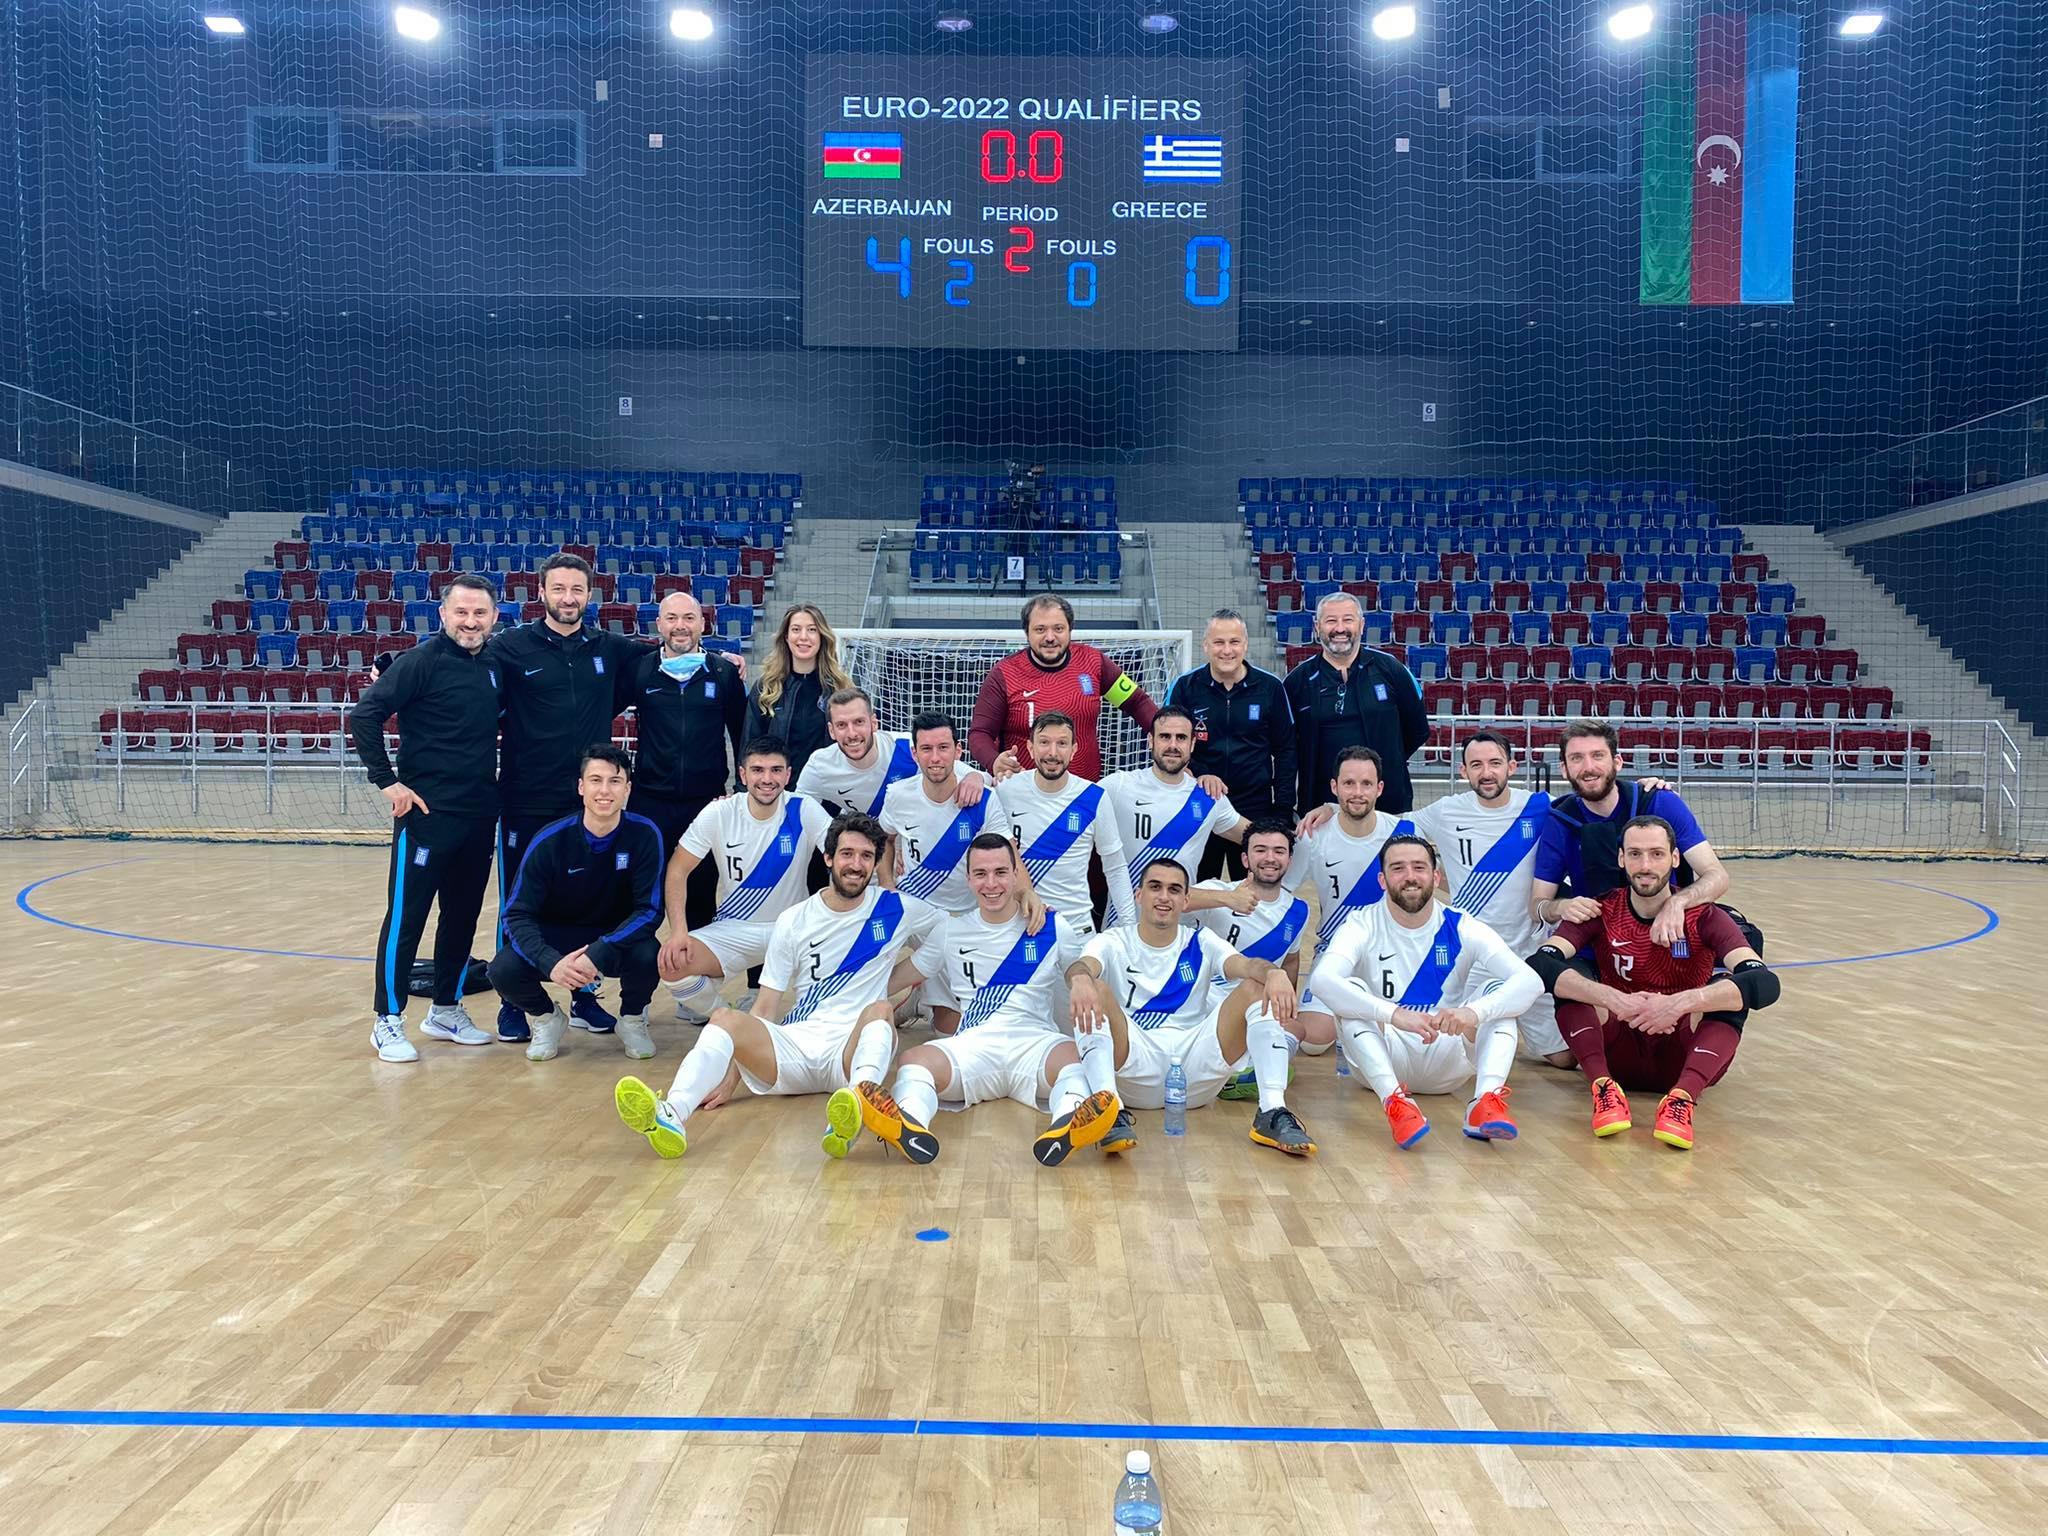 Αζερμπαϊτζάν – Ελλάδα 4-0: Πάλεψε απέναντι σε μια μεγάλη δύναμη του futsal